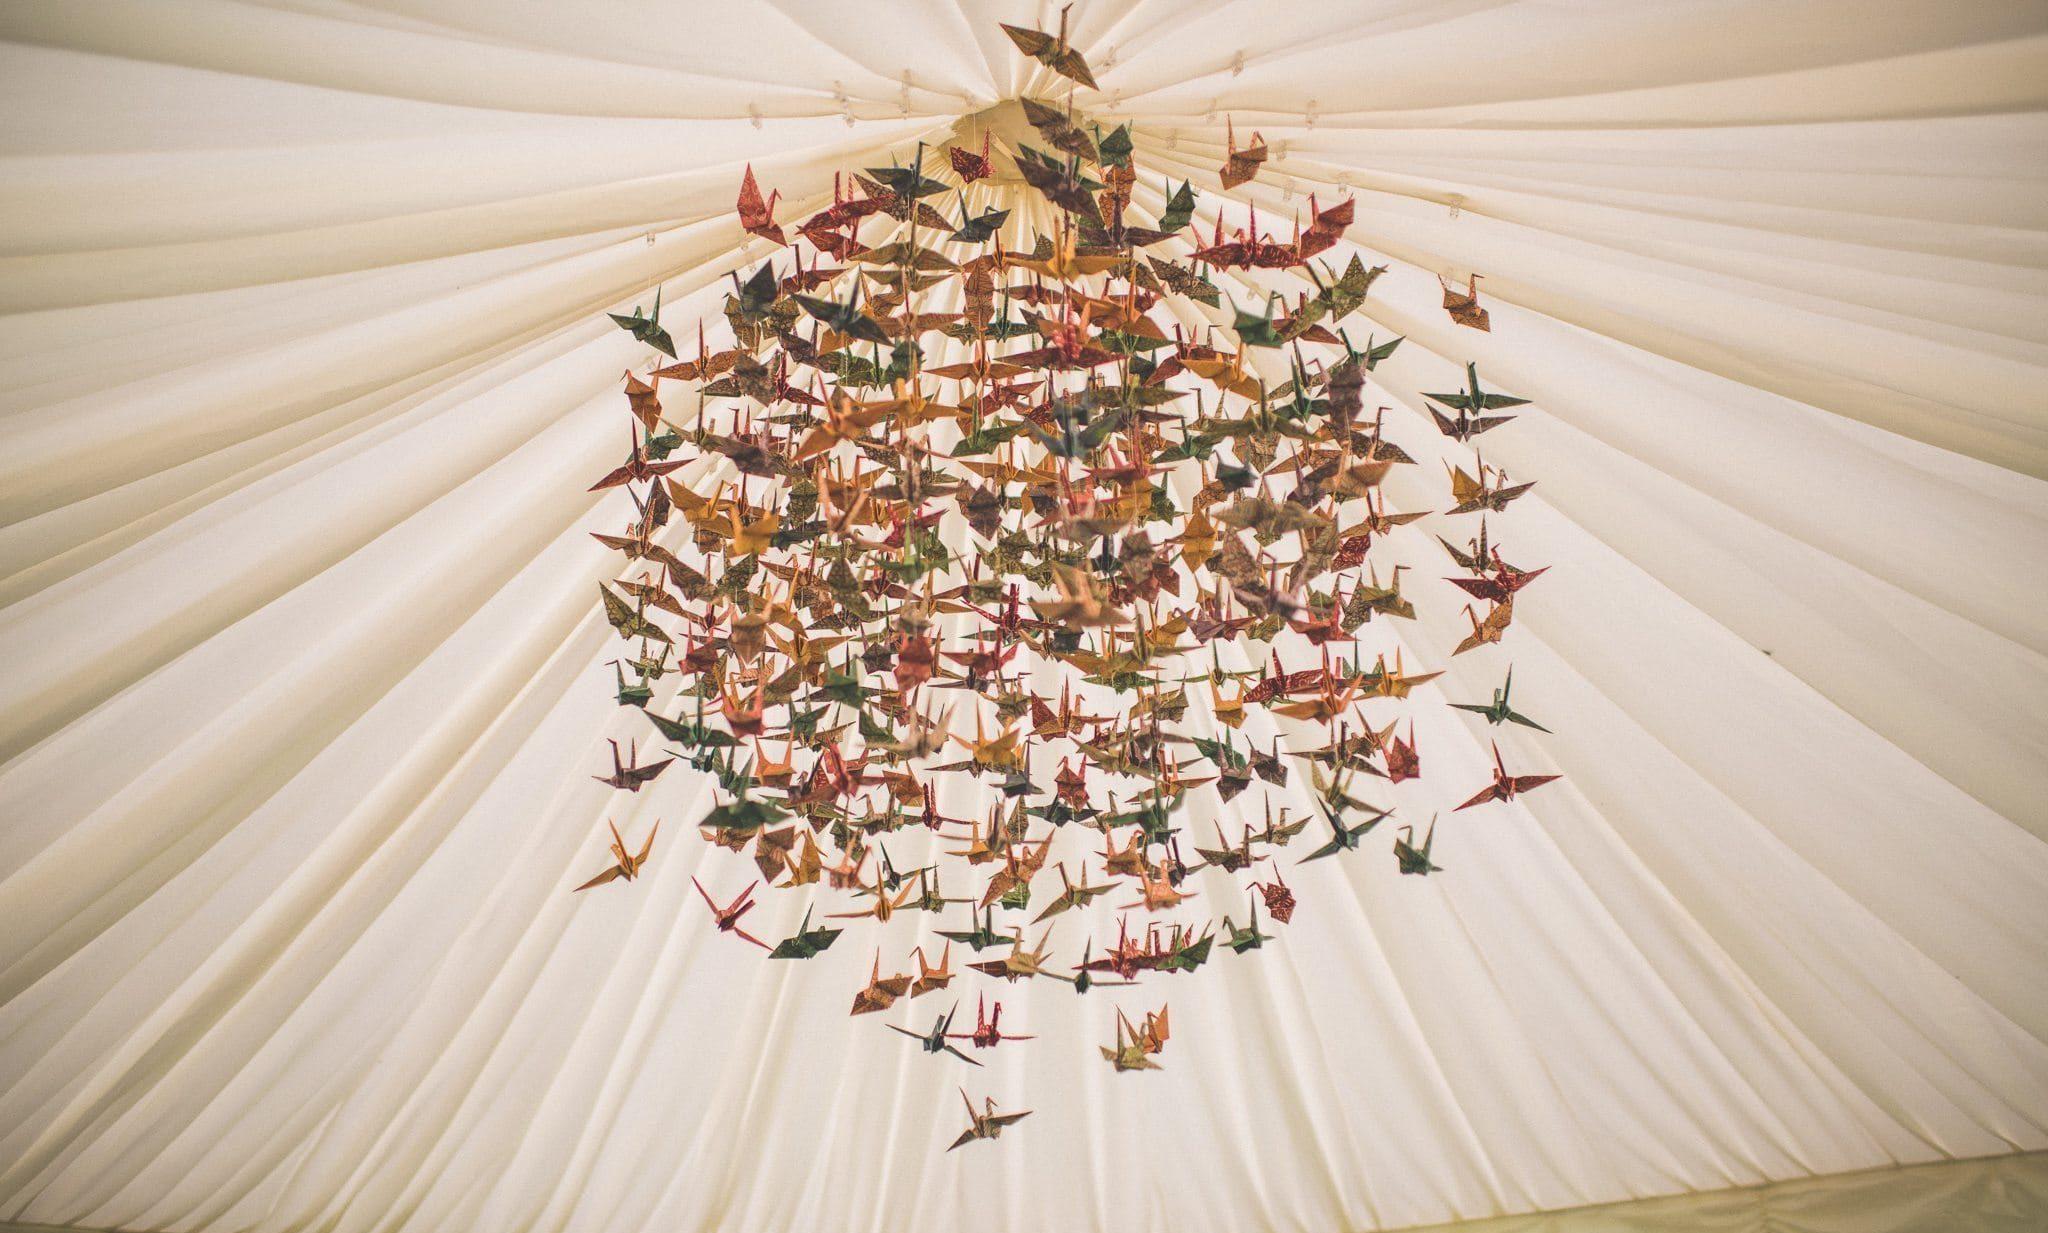 Home-made Paper crane mobile for a wedding centrepiece